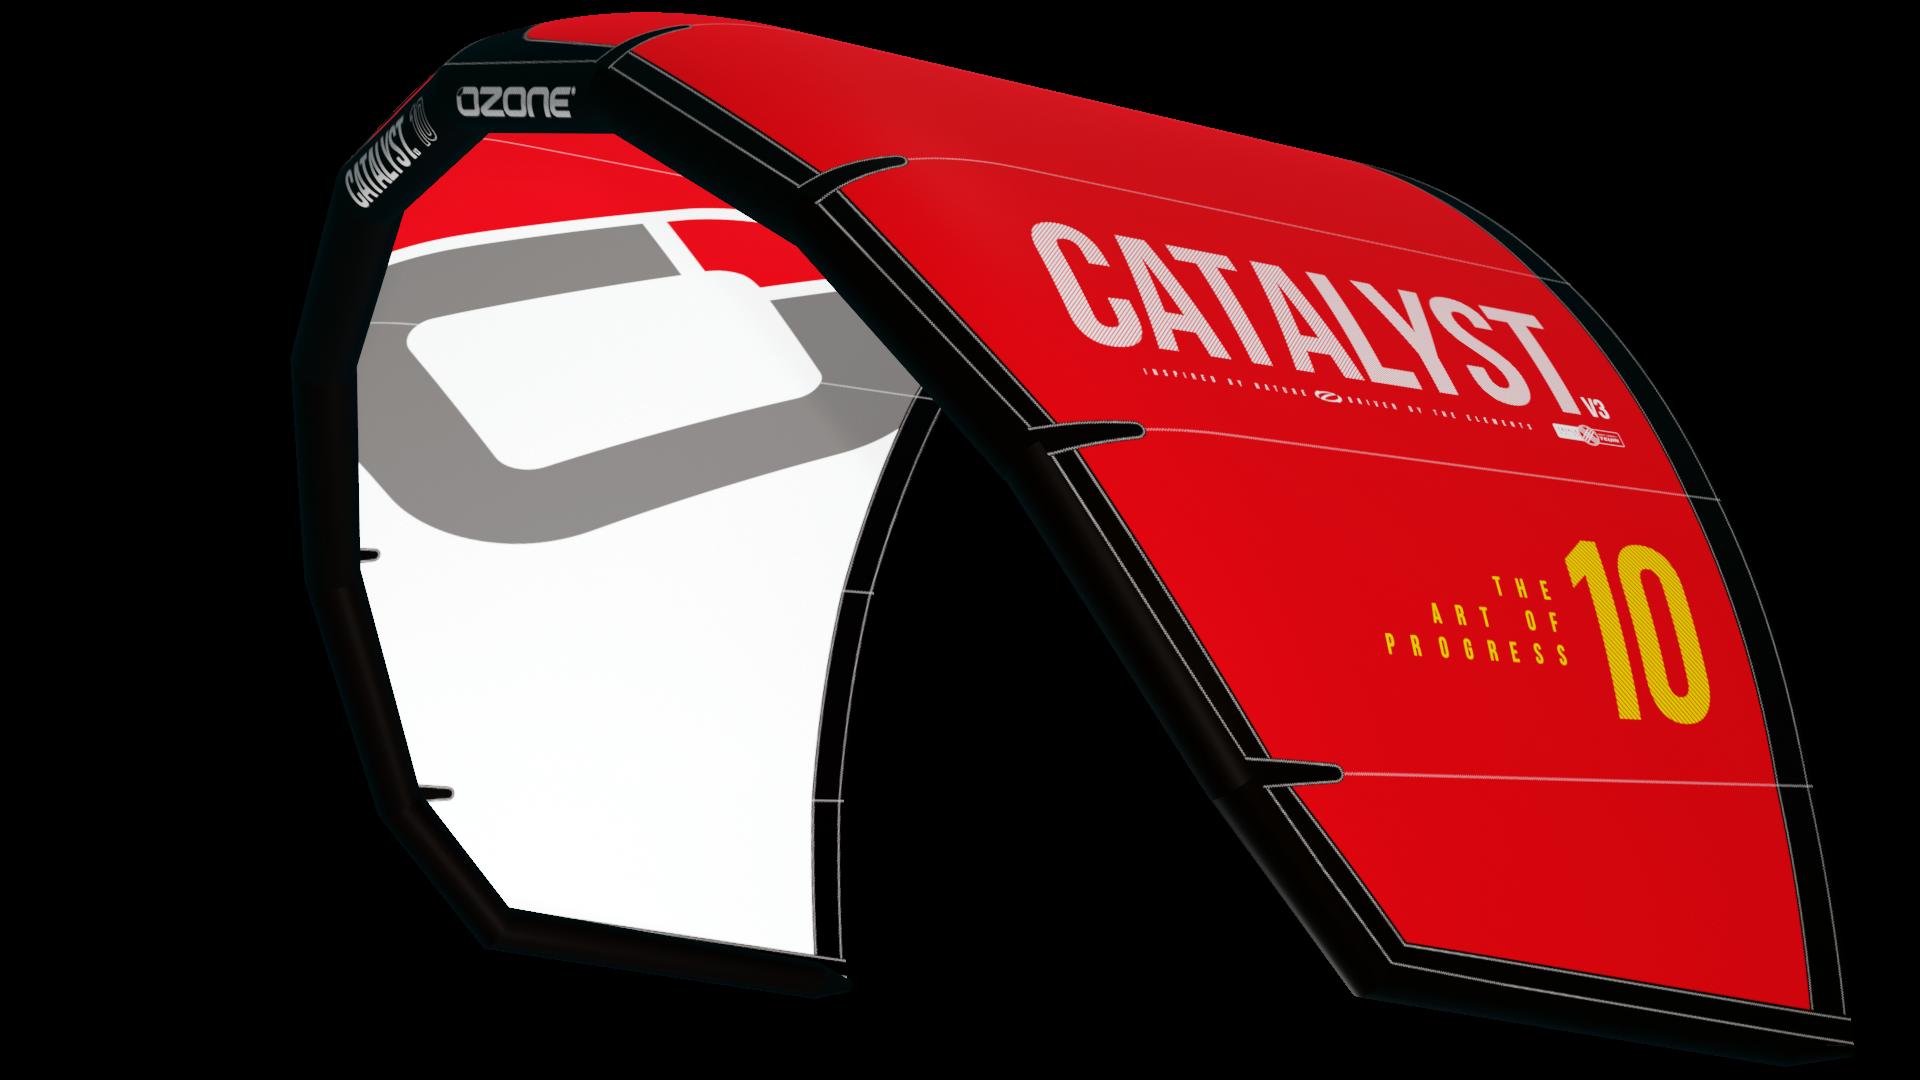 Ozone Catalyst V3 10m Kite